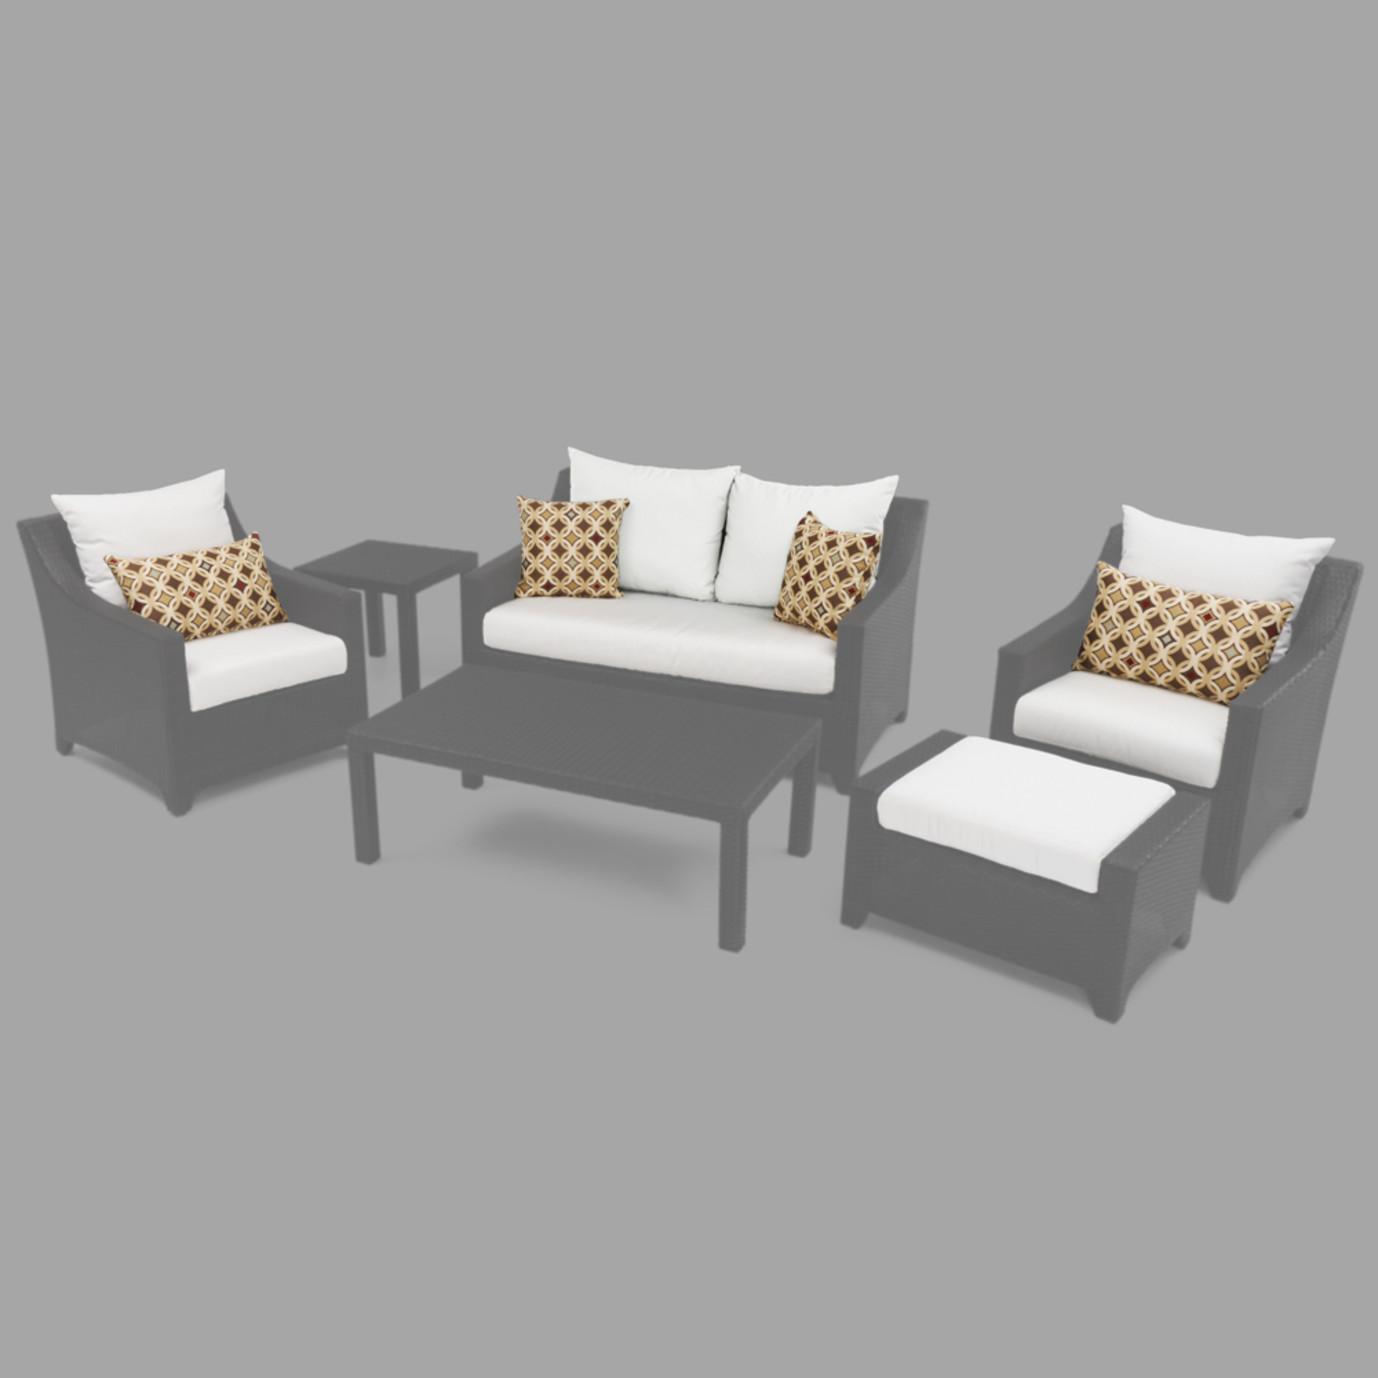 Modular Outdoor 6pc Love Cushion Cover Set - Moroccan Cream